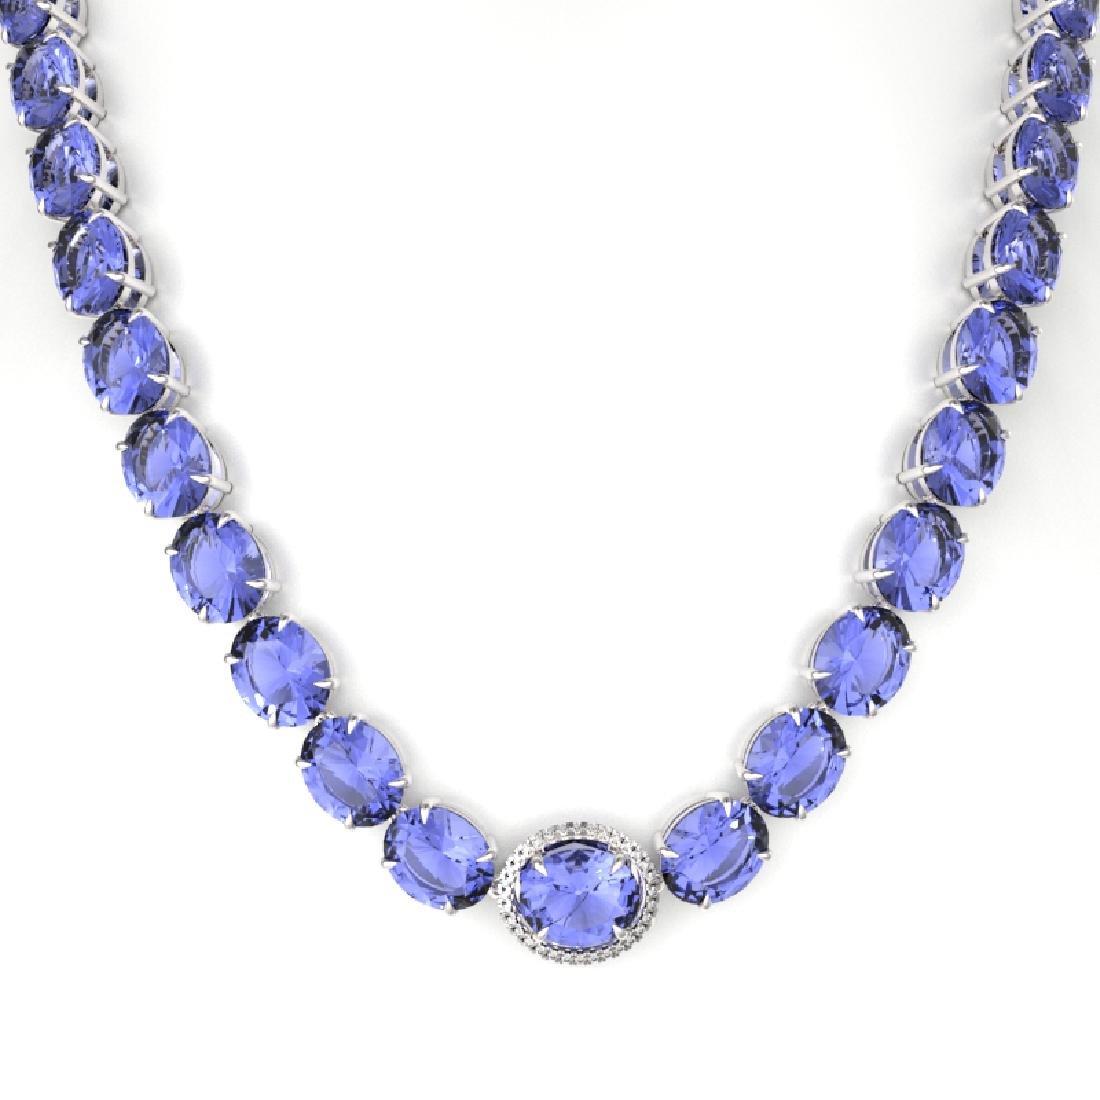 170 CTW Tanzanite & VS/SI Diamond Necklace 14K White - 2